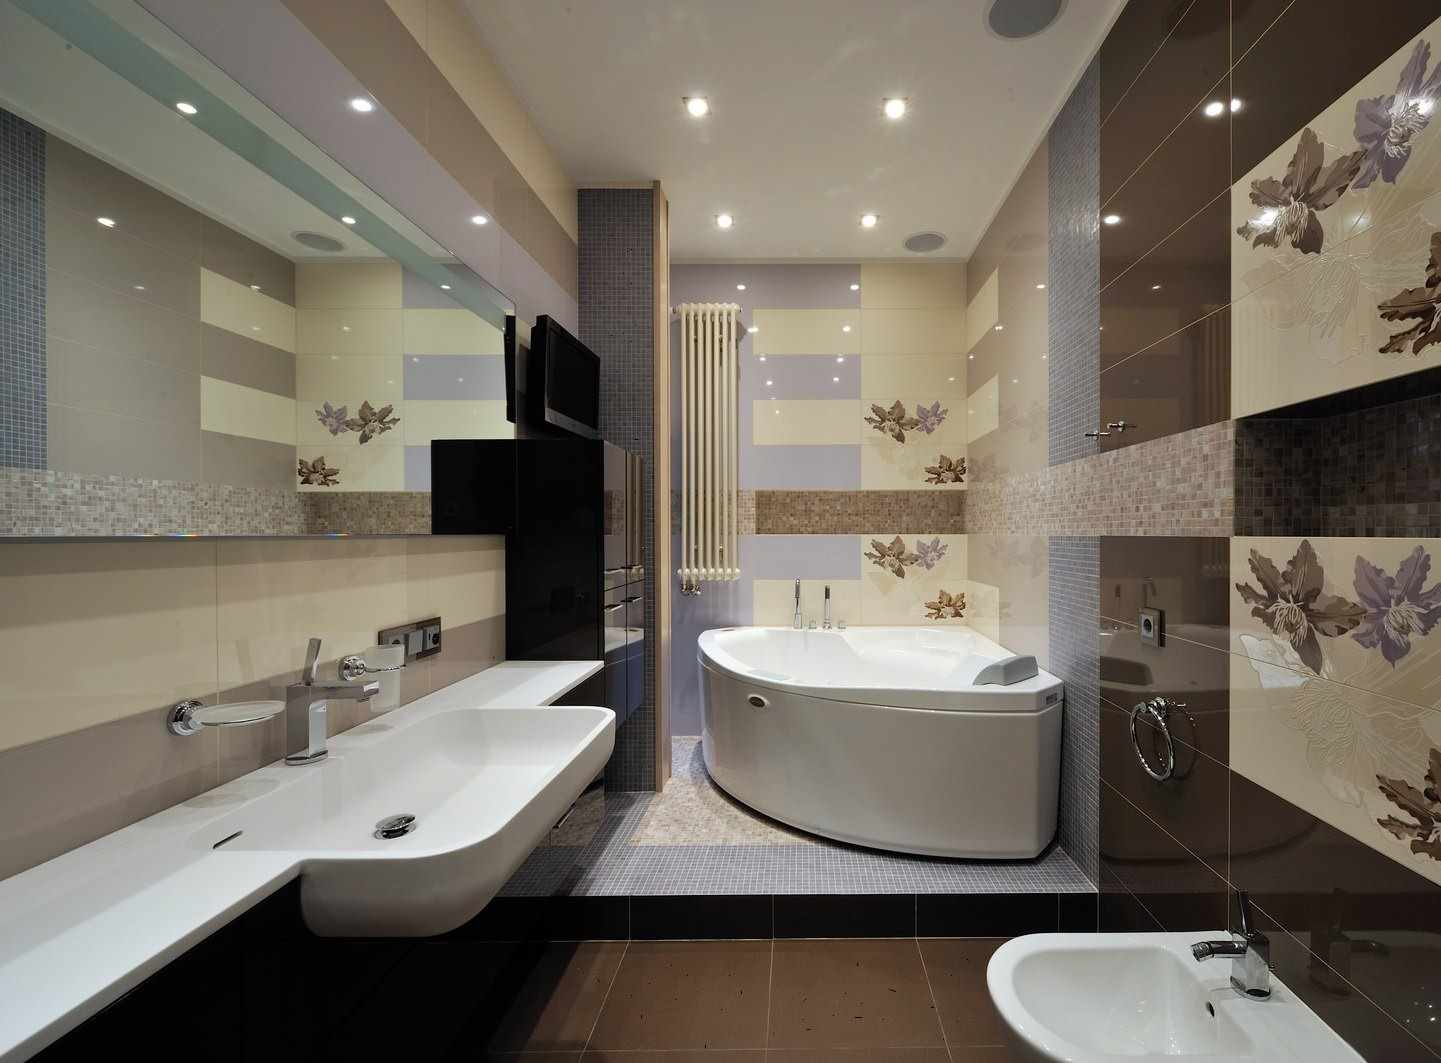 вариант необычного интерьера ванной комнаты с угловой ванной